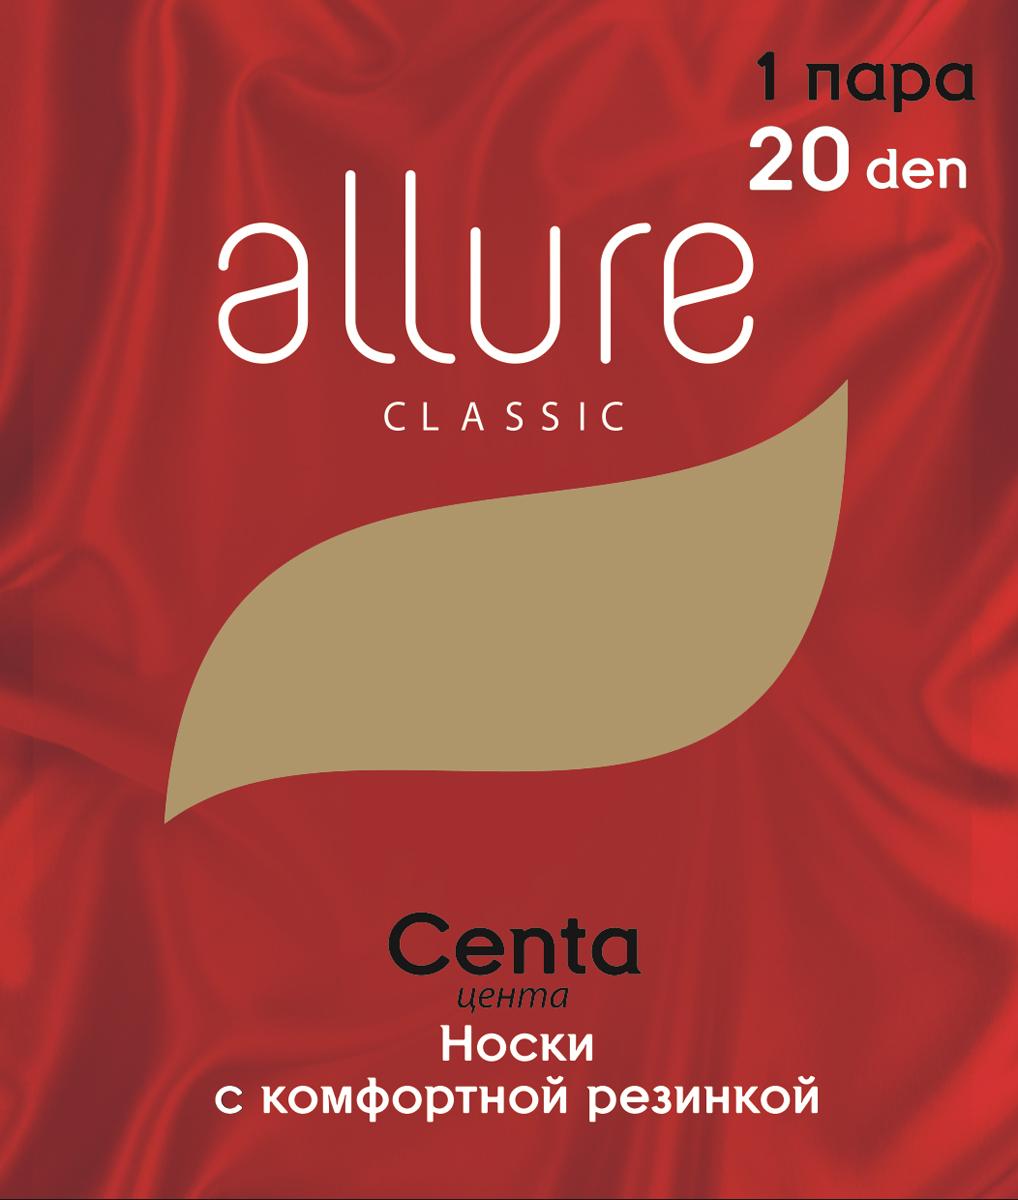 Носки женские Allure Centa 20, цвет:  Caramello (бежевый).  Размер универсальный Allure